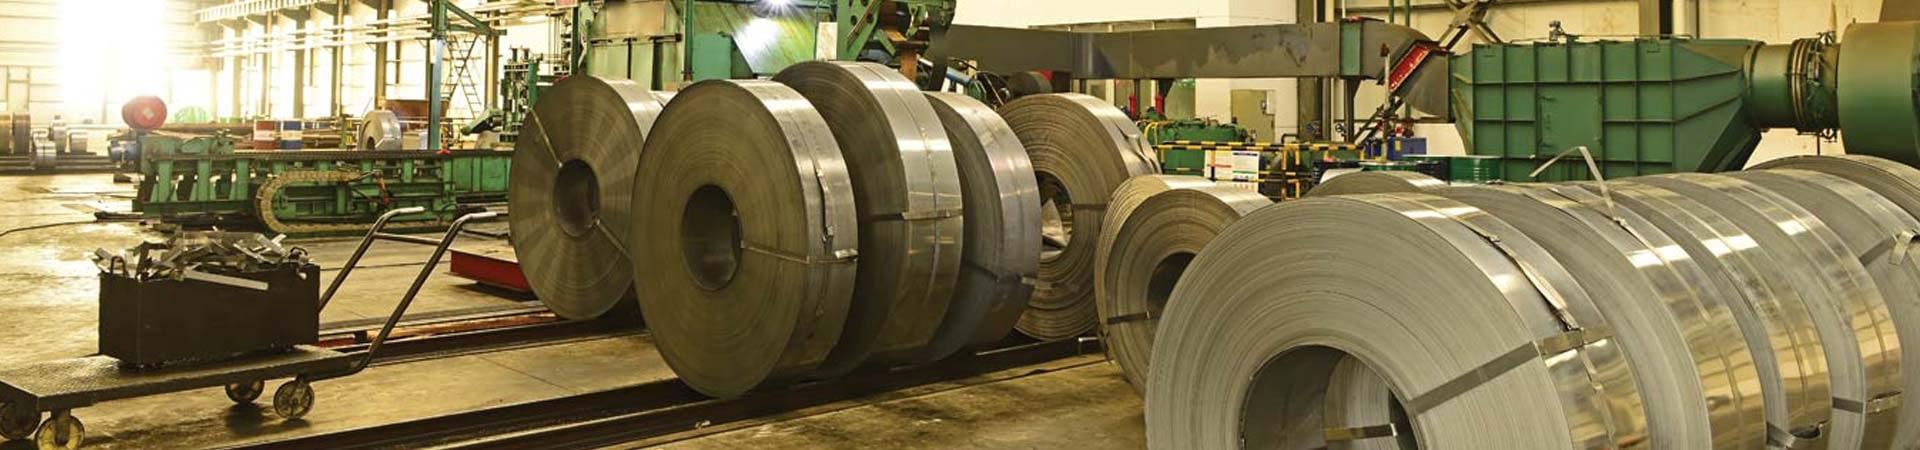 Discrete Manufacturing Add-On